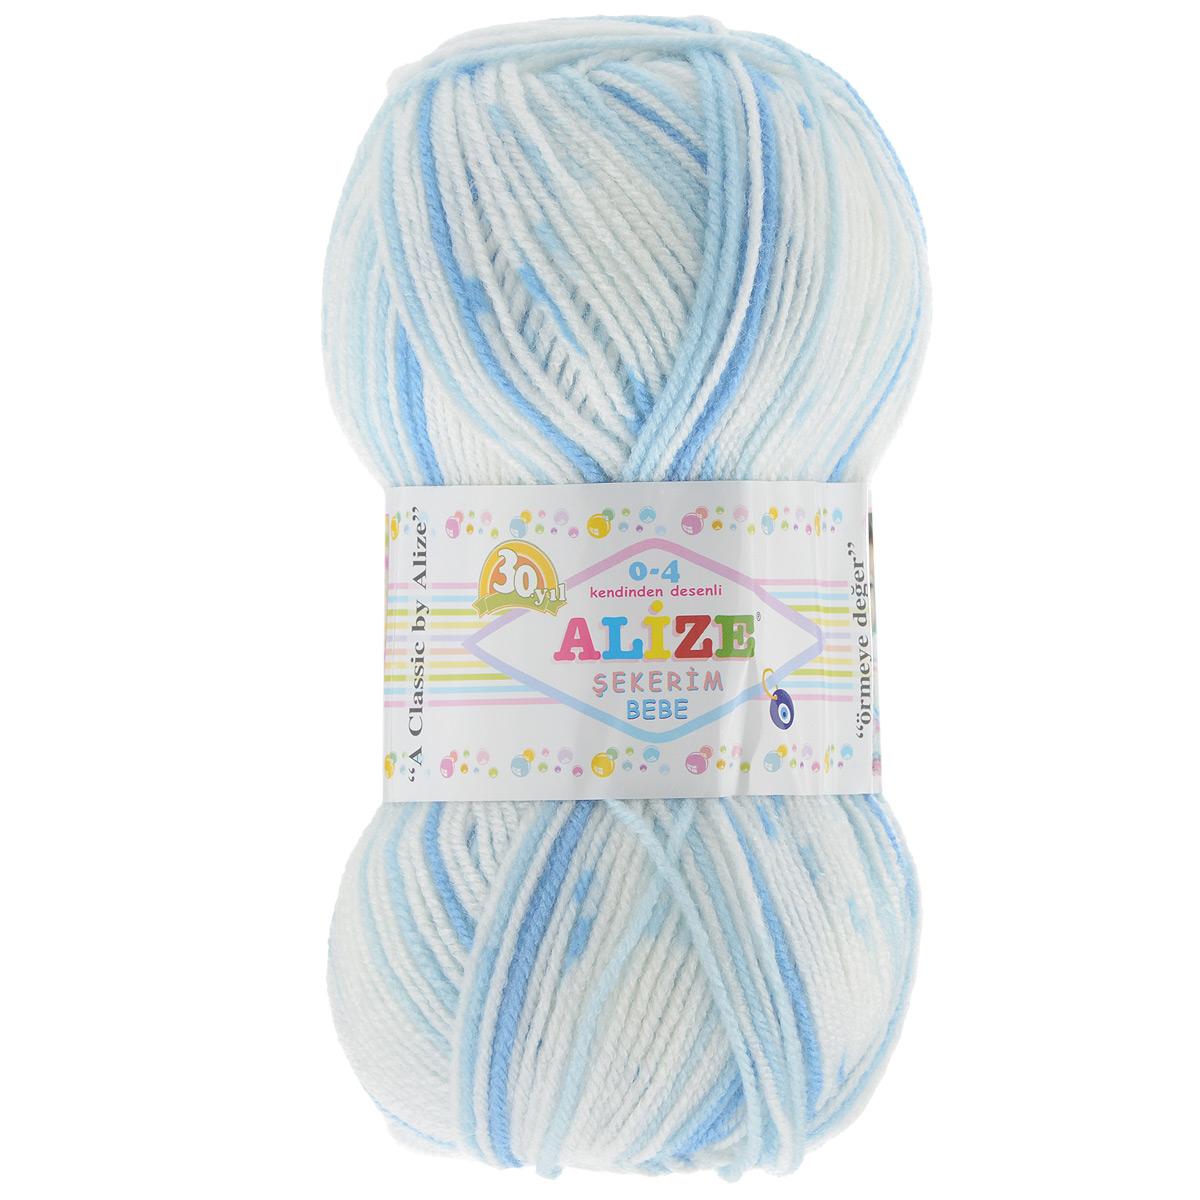 Пряжа для вязания Alize Sekerim Bebe, цвет: синий, голубой, белый (508), 350 м, 100 г, 5 шт364082_508Пряжа для вязания Alize Sekerim Bebe изготовлена из акрила. Фантазийная пряжа для ручного вязания отлично подойдет для детских вещей. Ниточка мягкая и приятная на ощупь. Подходит для вязания спицами и крючком. Рекомендованные спицы 3-4 мм и крючок для вязания 2-4 мм. Состав: 100% акрил.